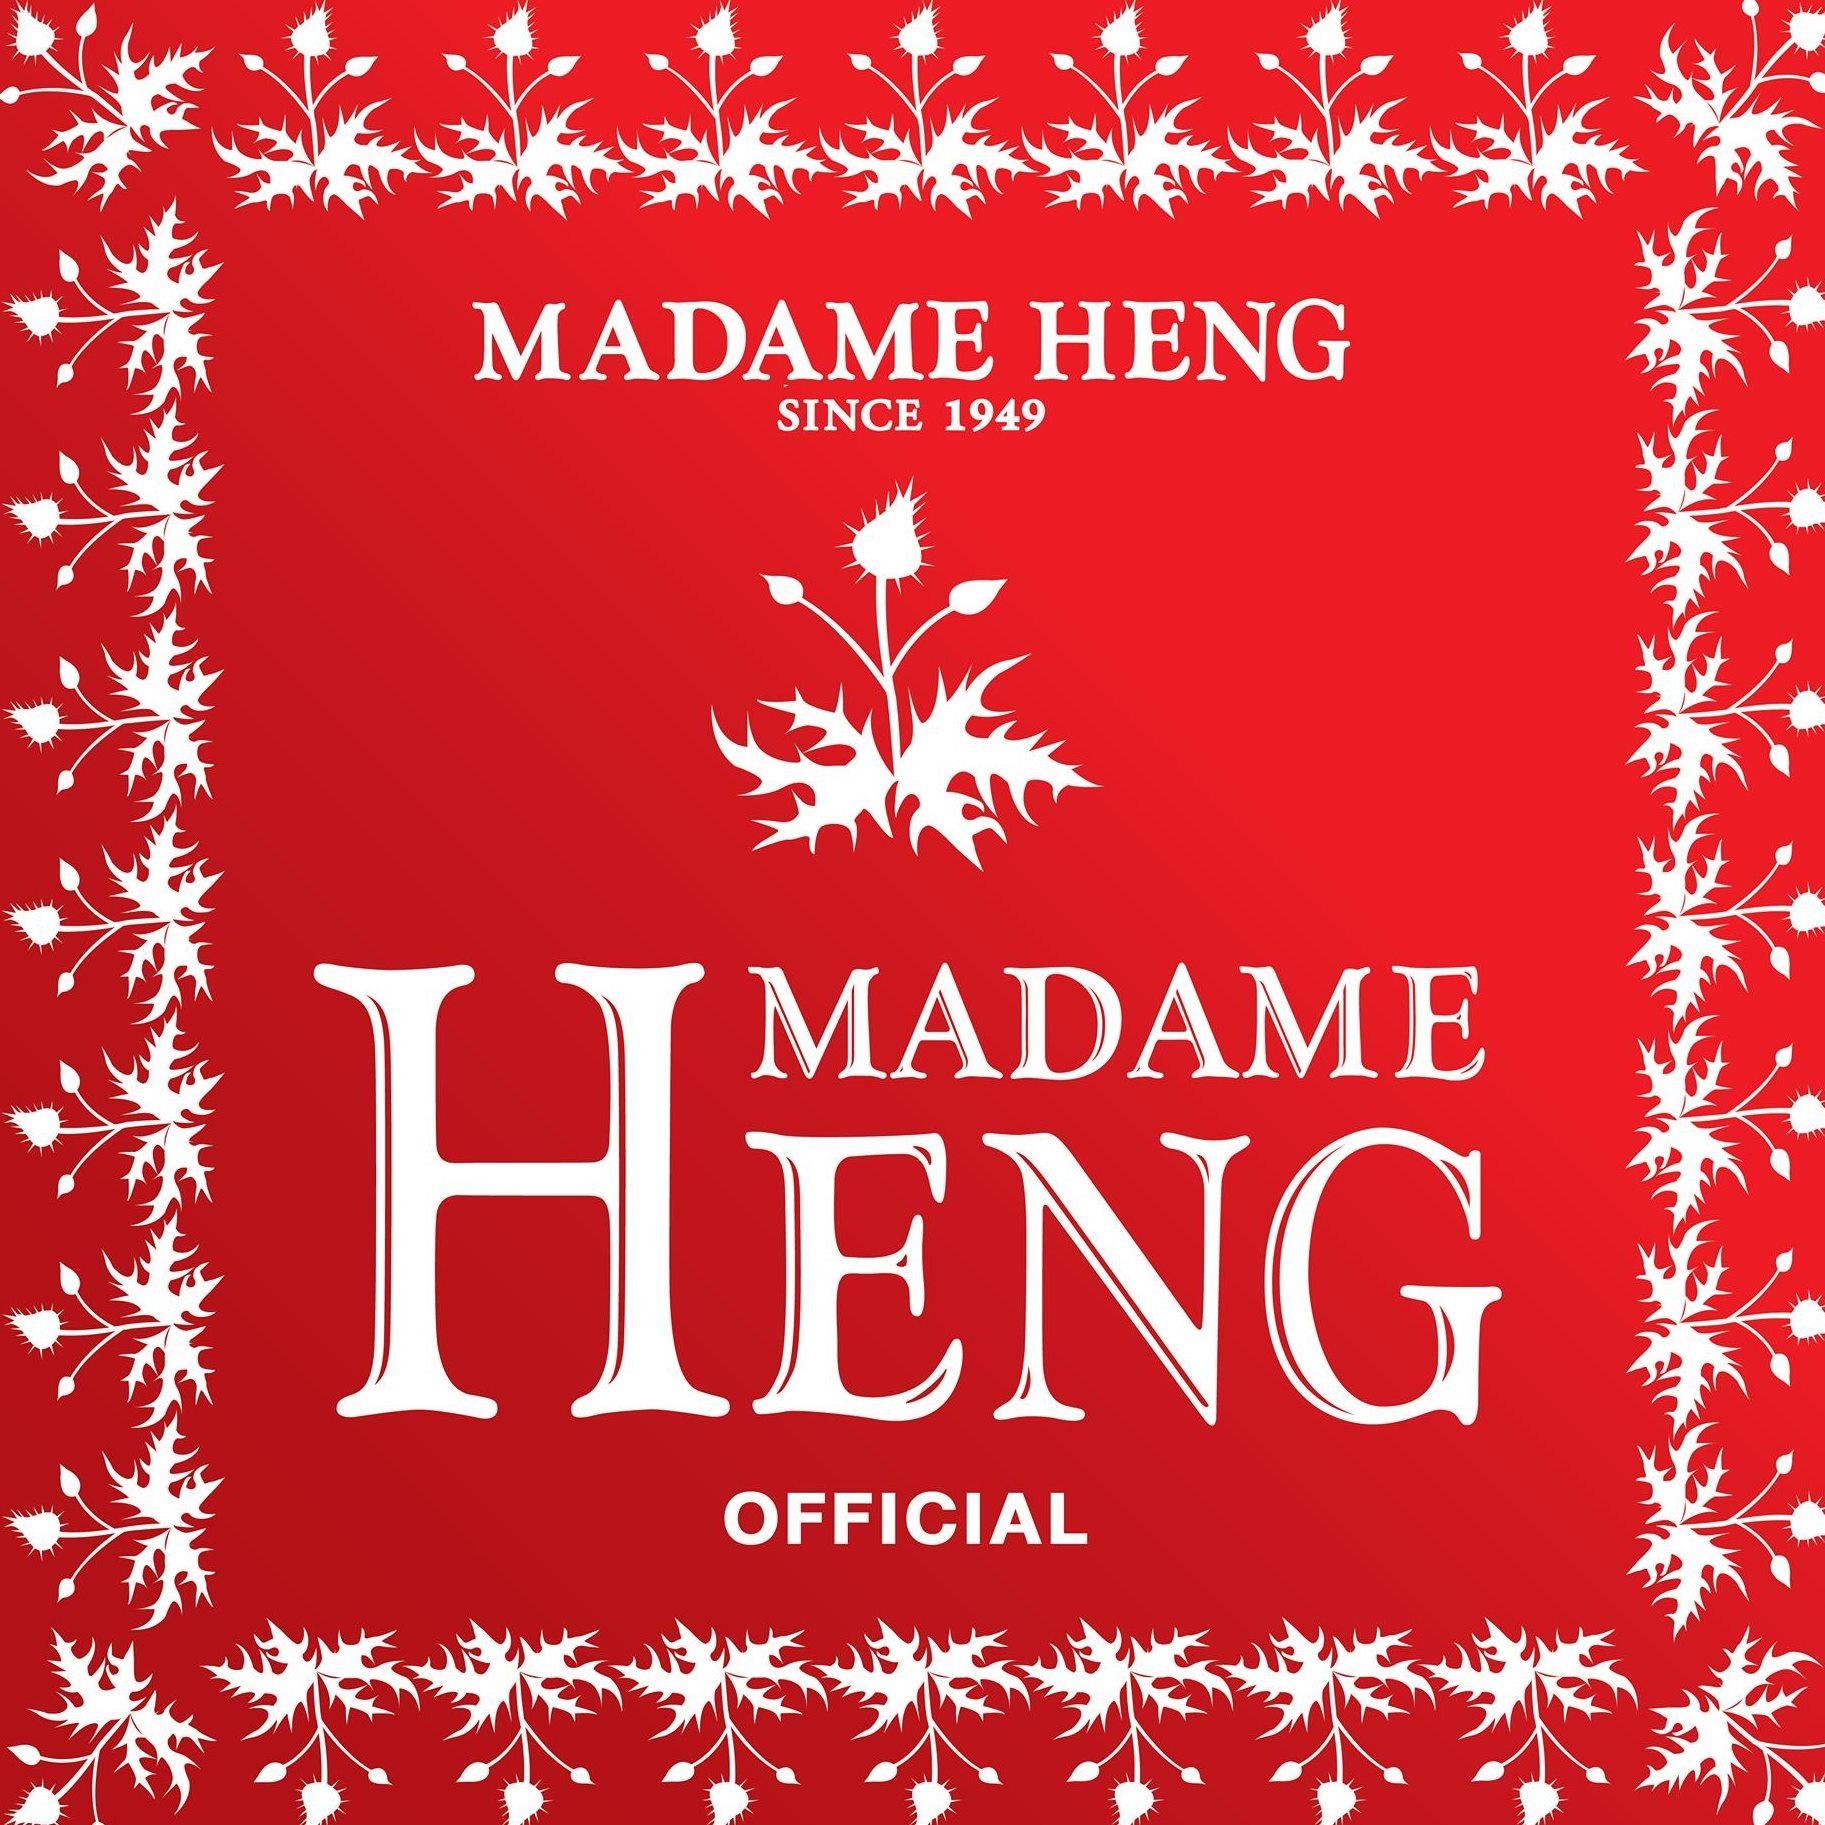 มาดาม เฮง - MADAM HENG